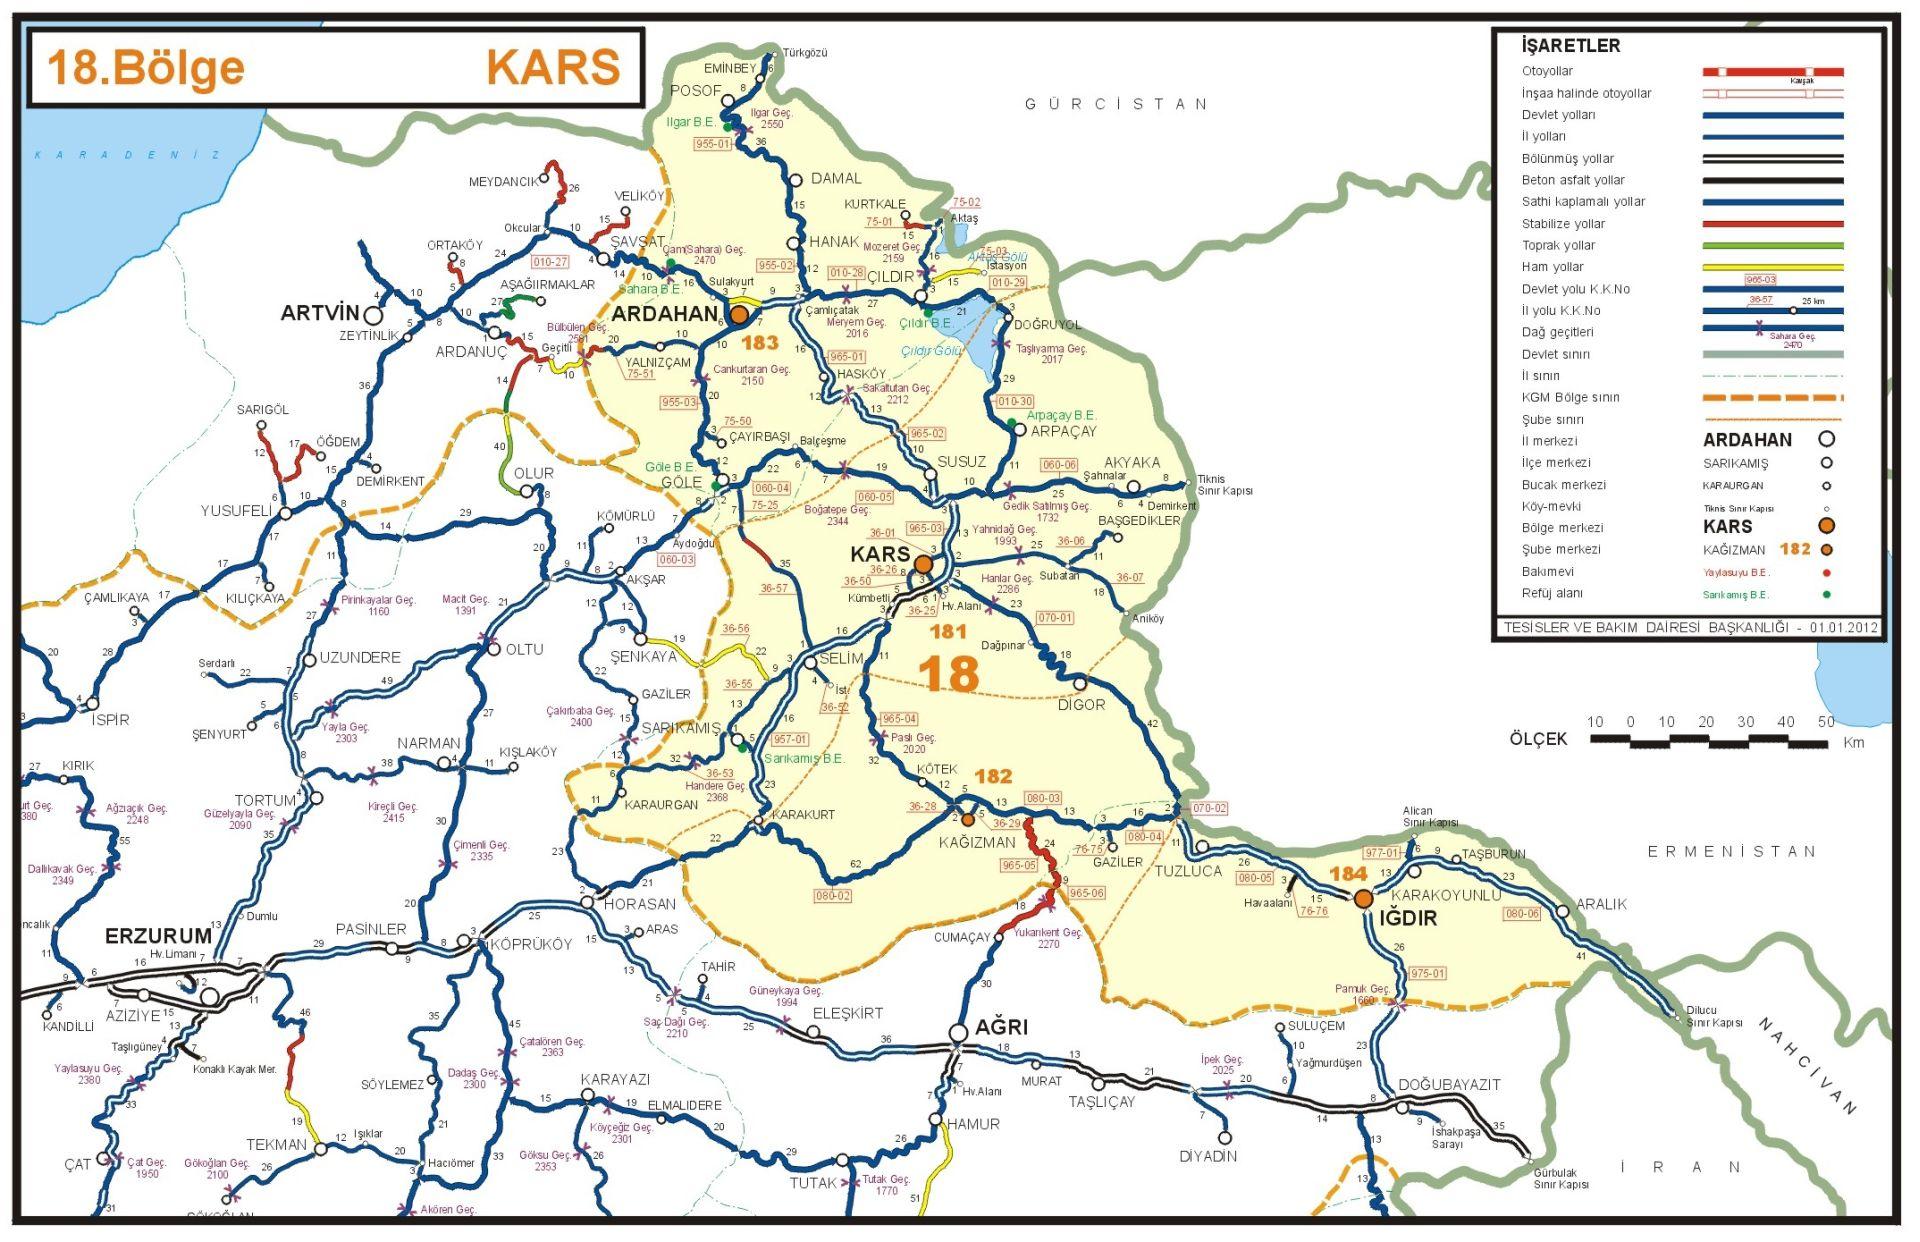 иль Карс на карте районов Турции